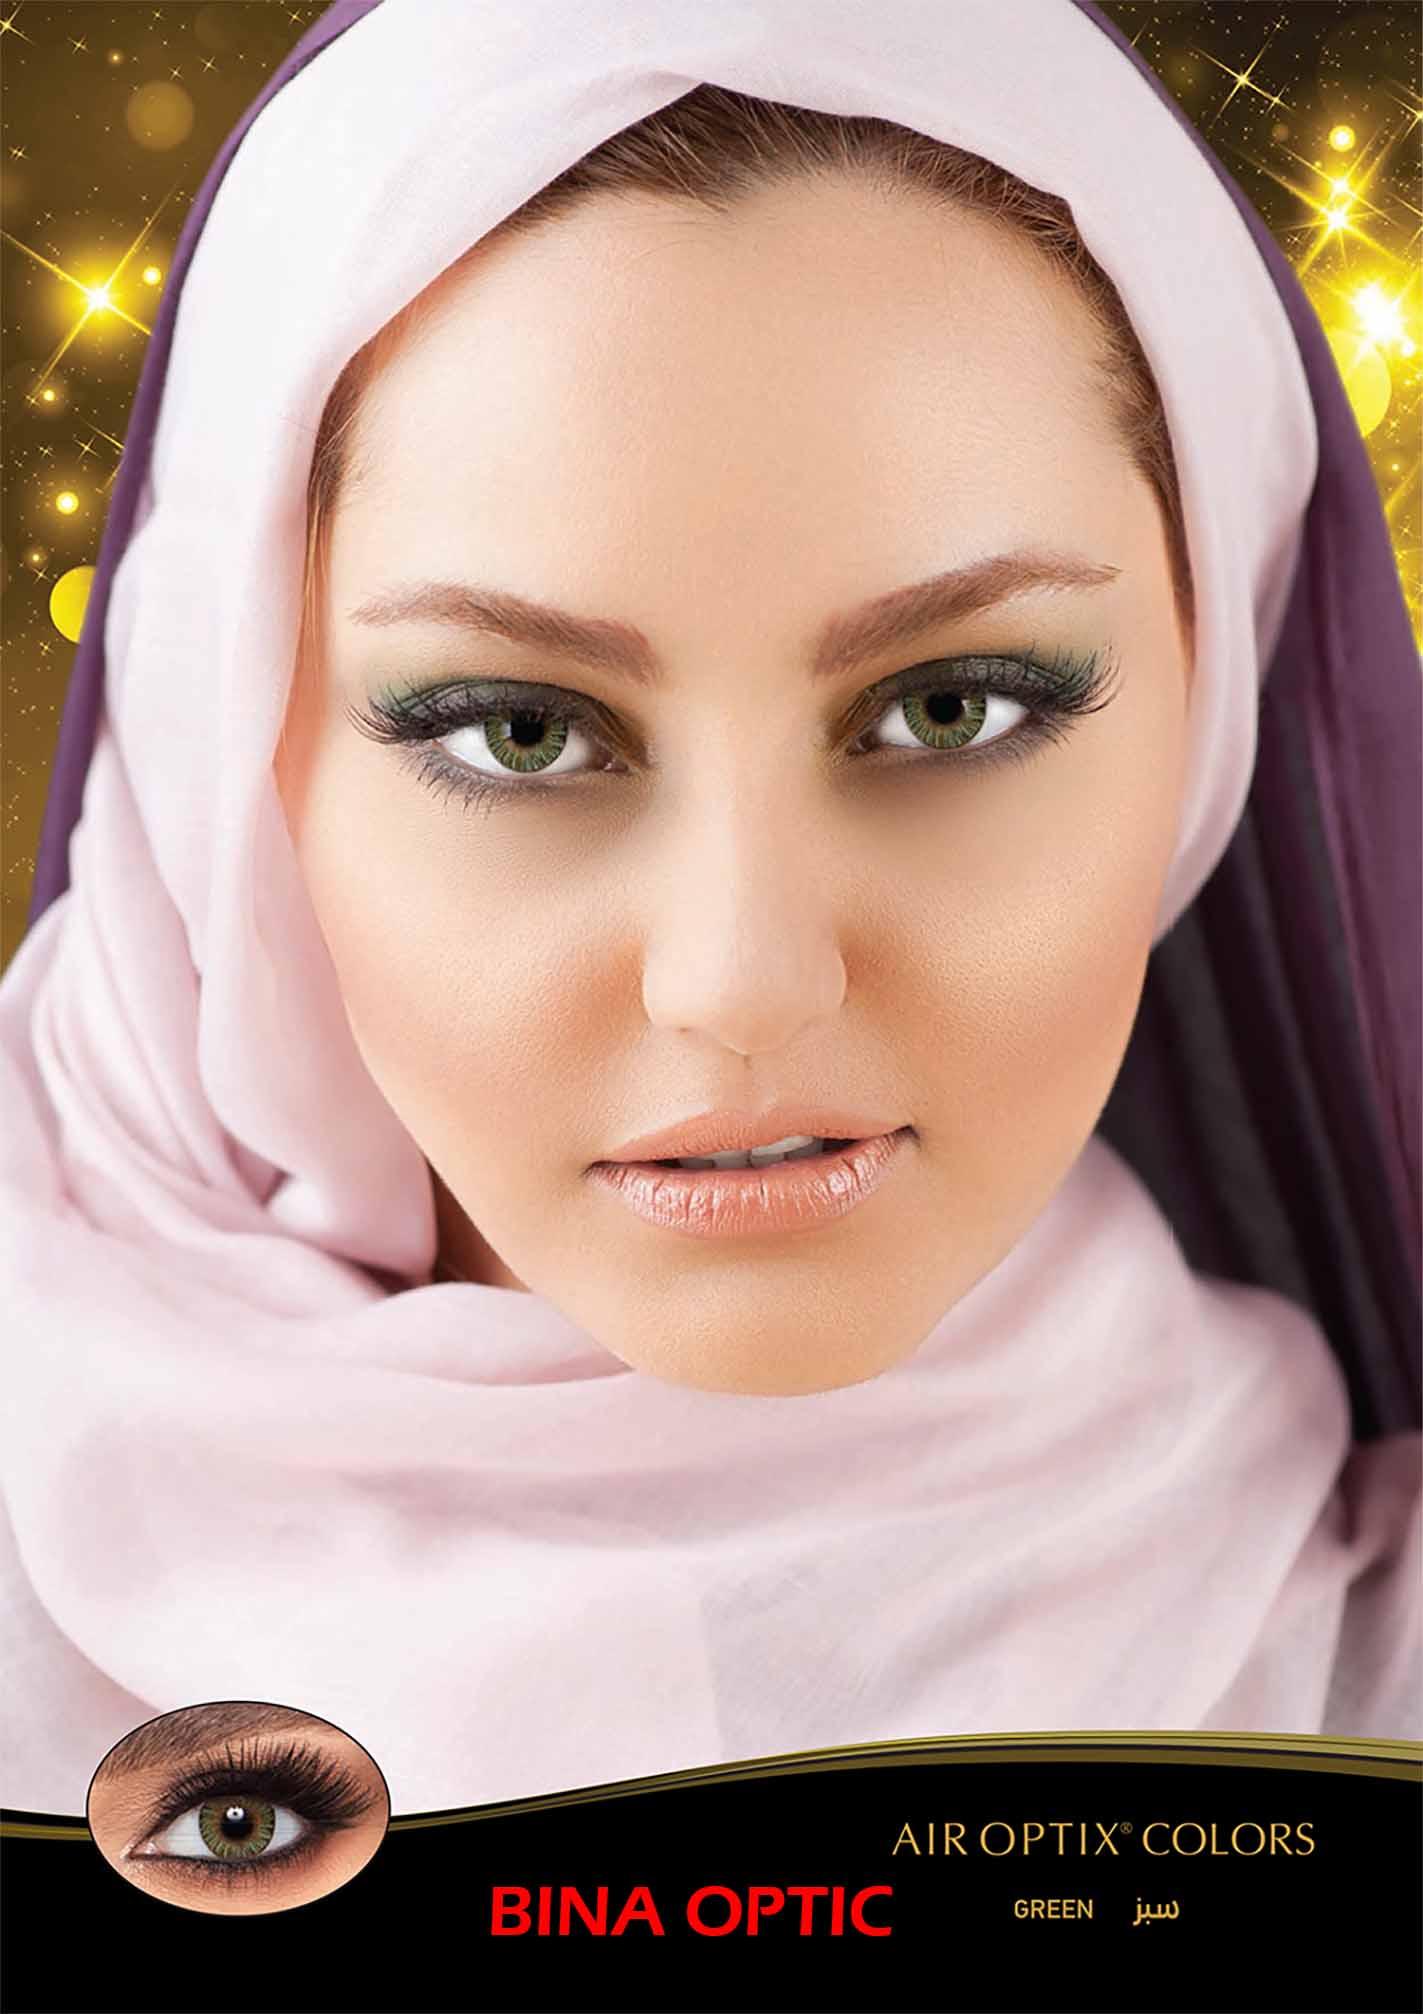 لنز سبز ایراپتیکس